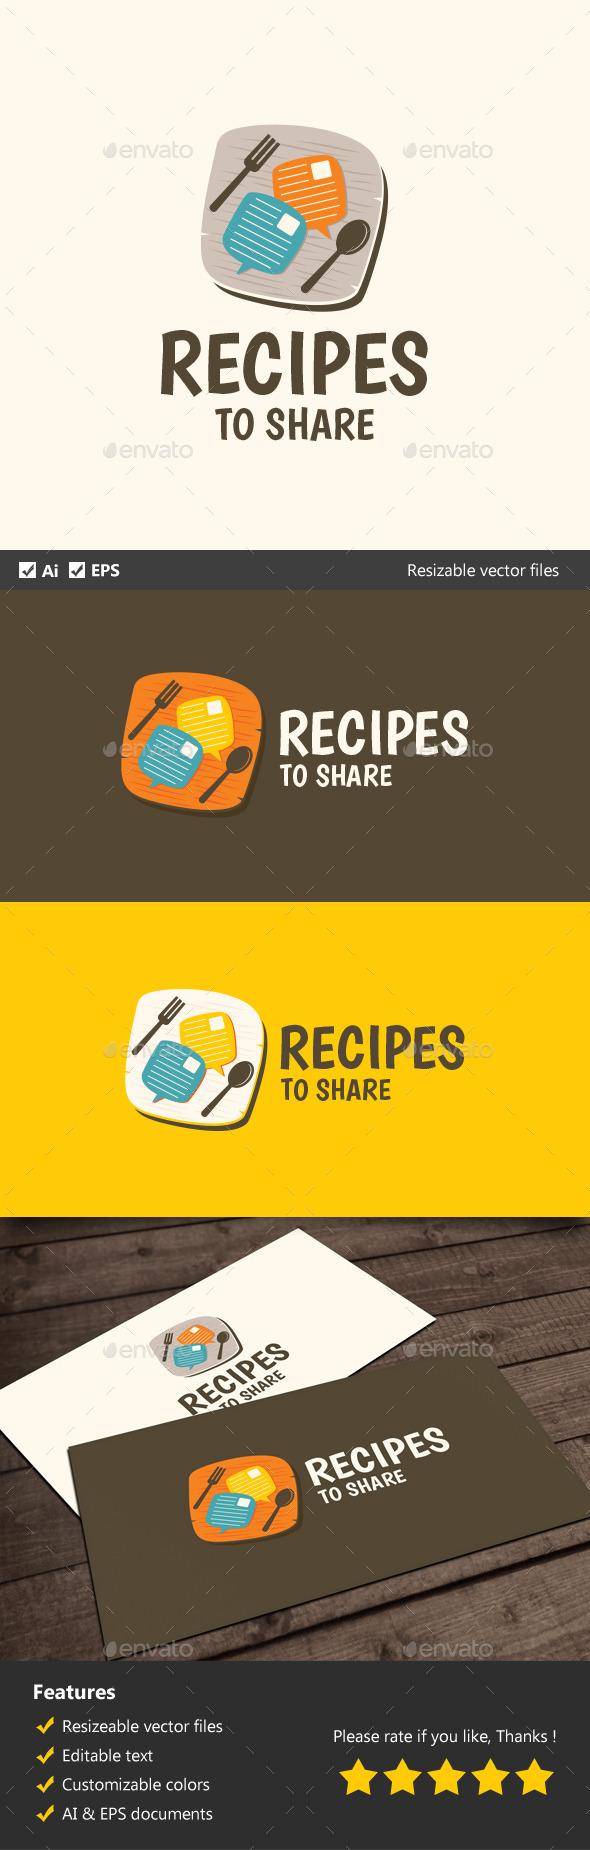 GraphicRiver Recipes to Share 11924604